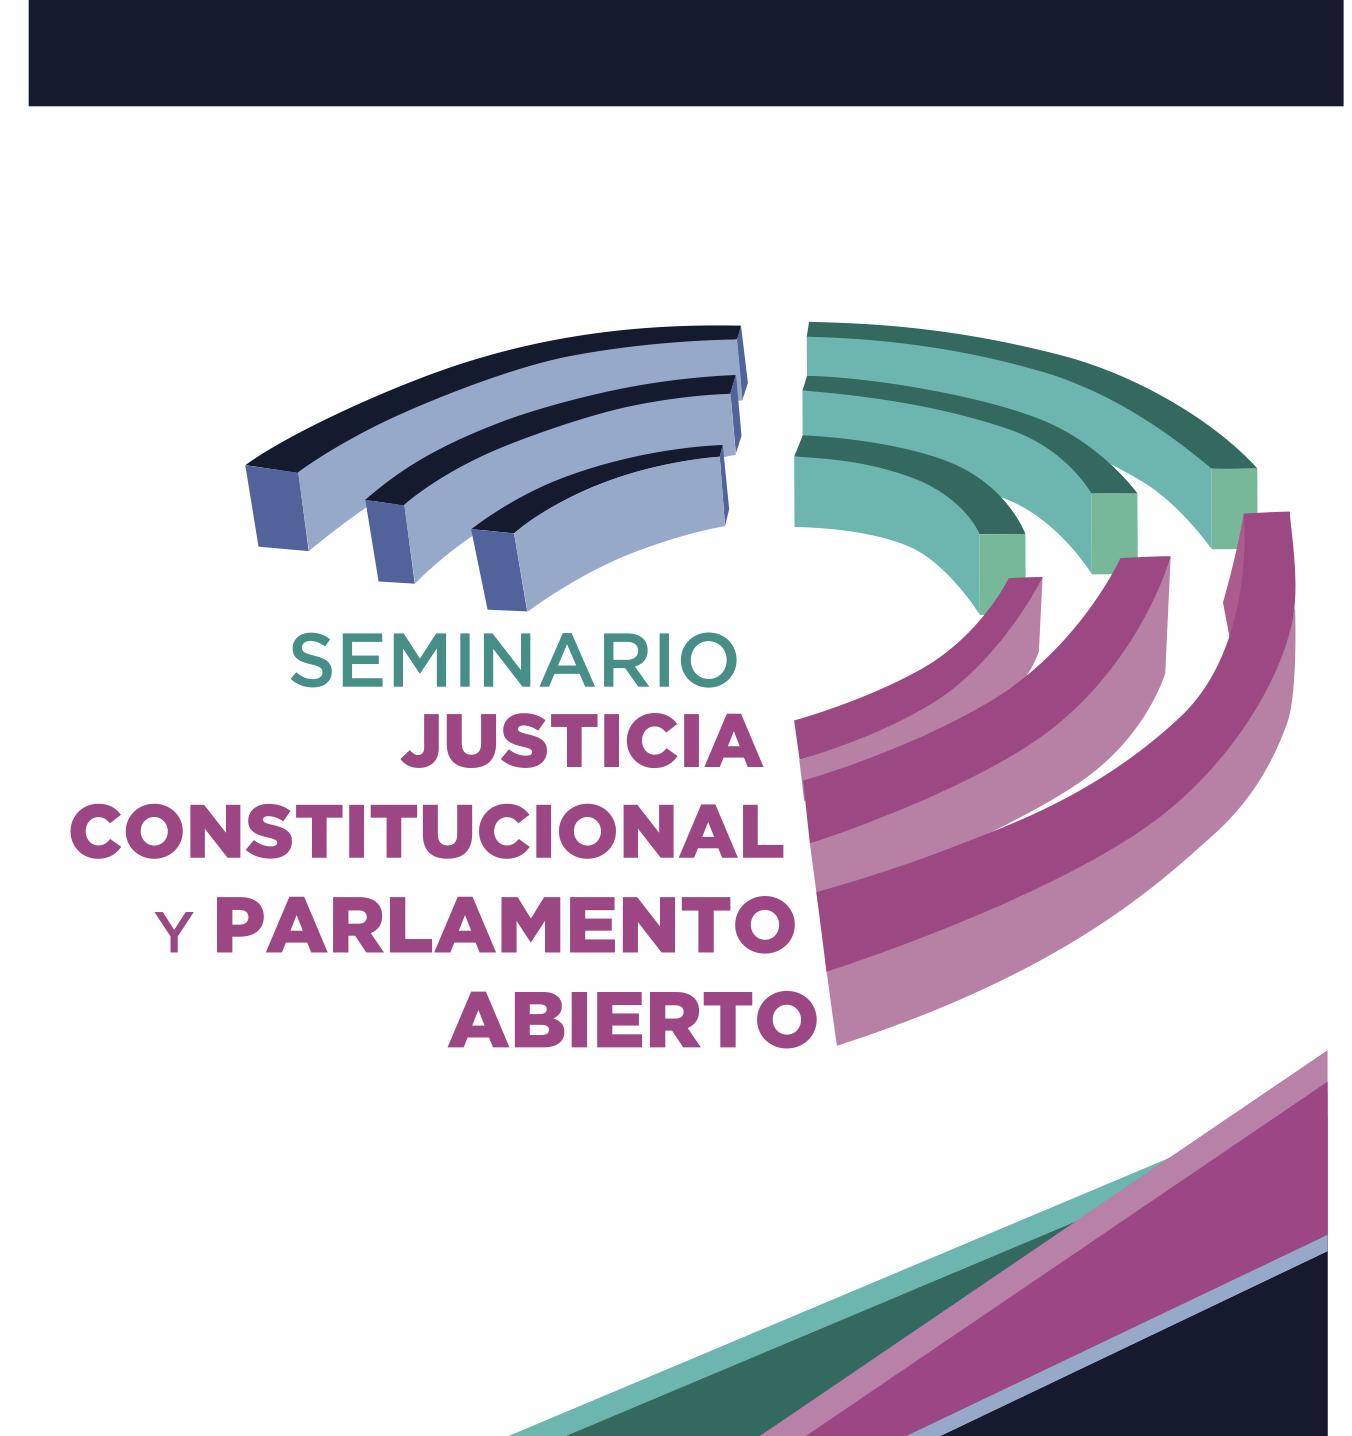 INAI :: Seminario Justicia Constitucional y Parlamento Abierto